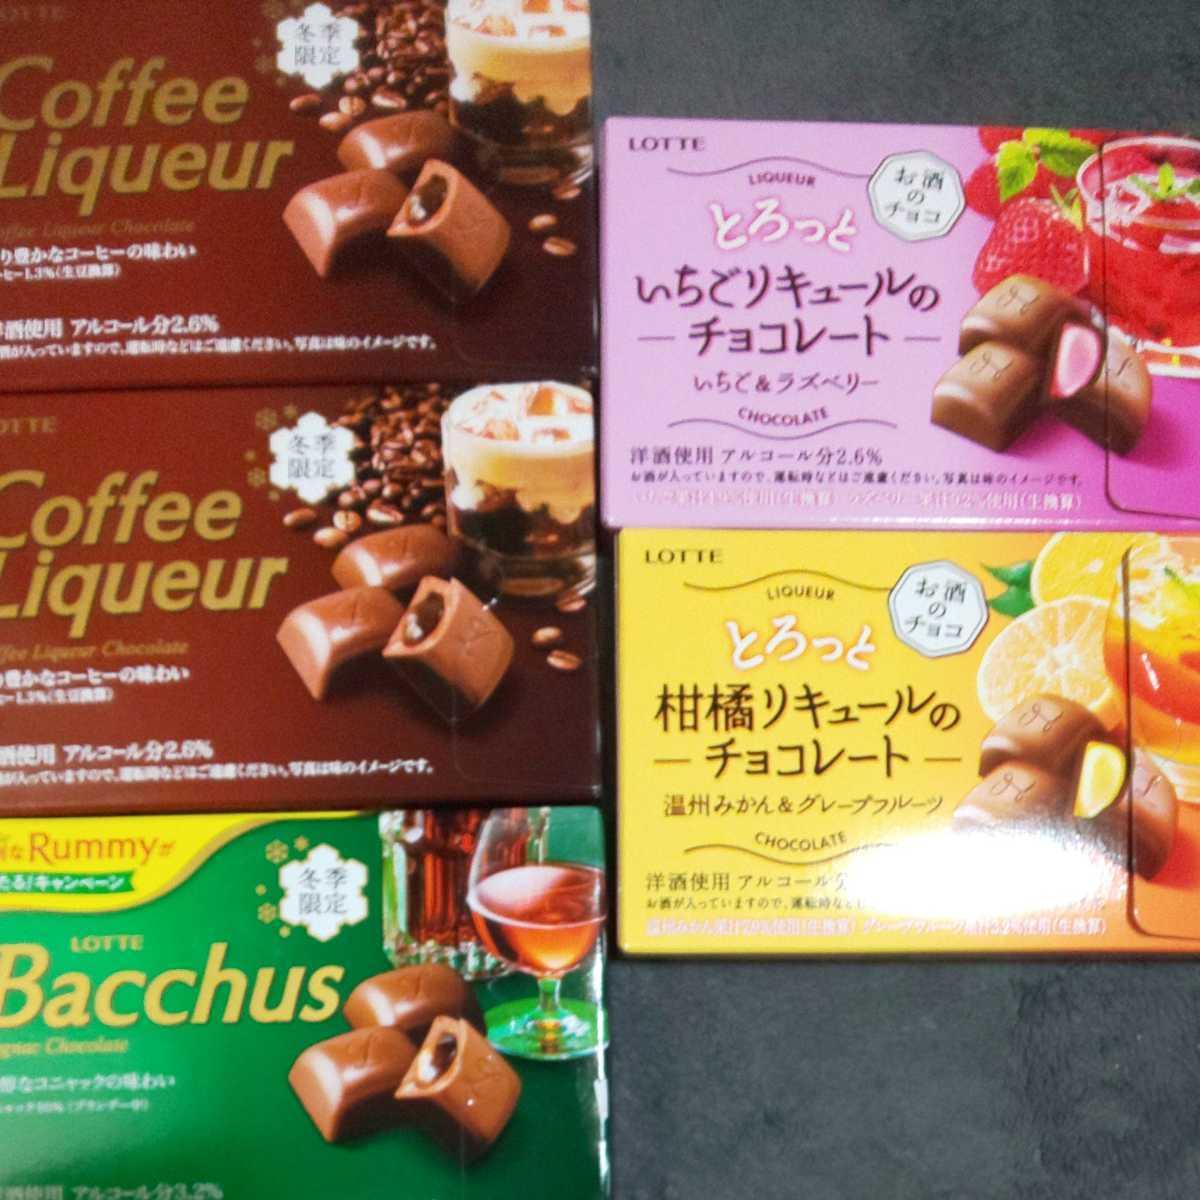 お酒入りチョコレート5品■新商品あり■賞味期限変更_画像1